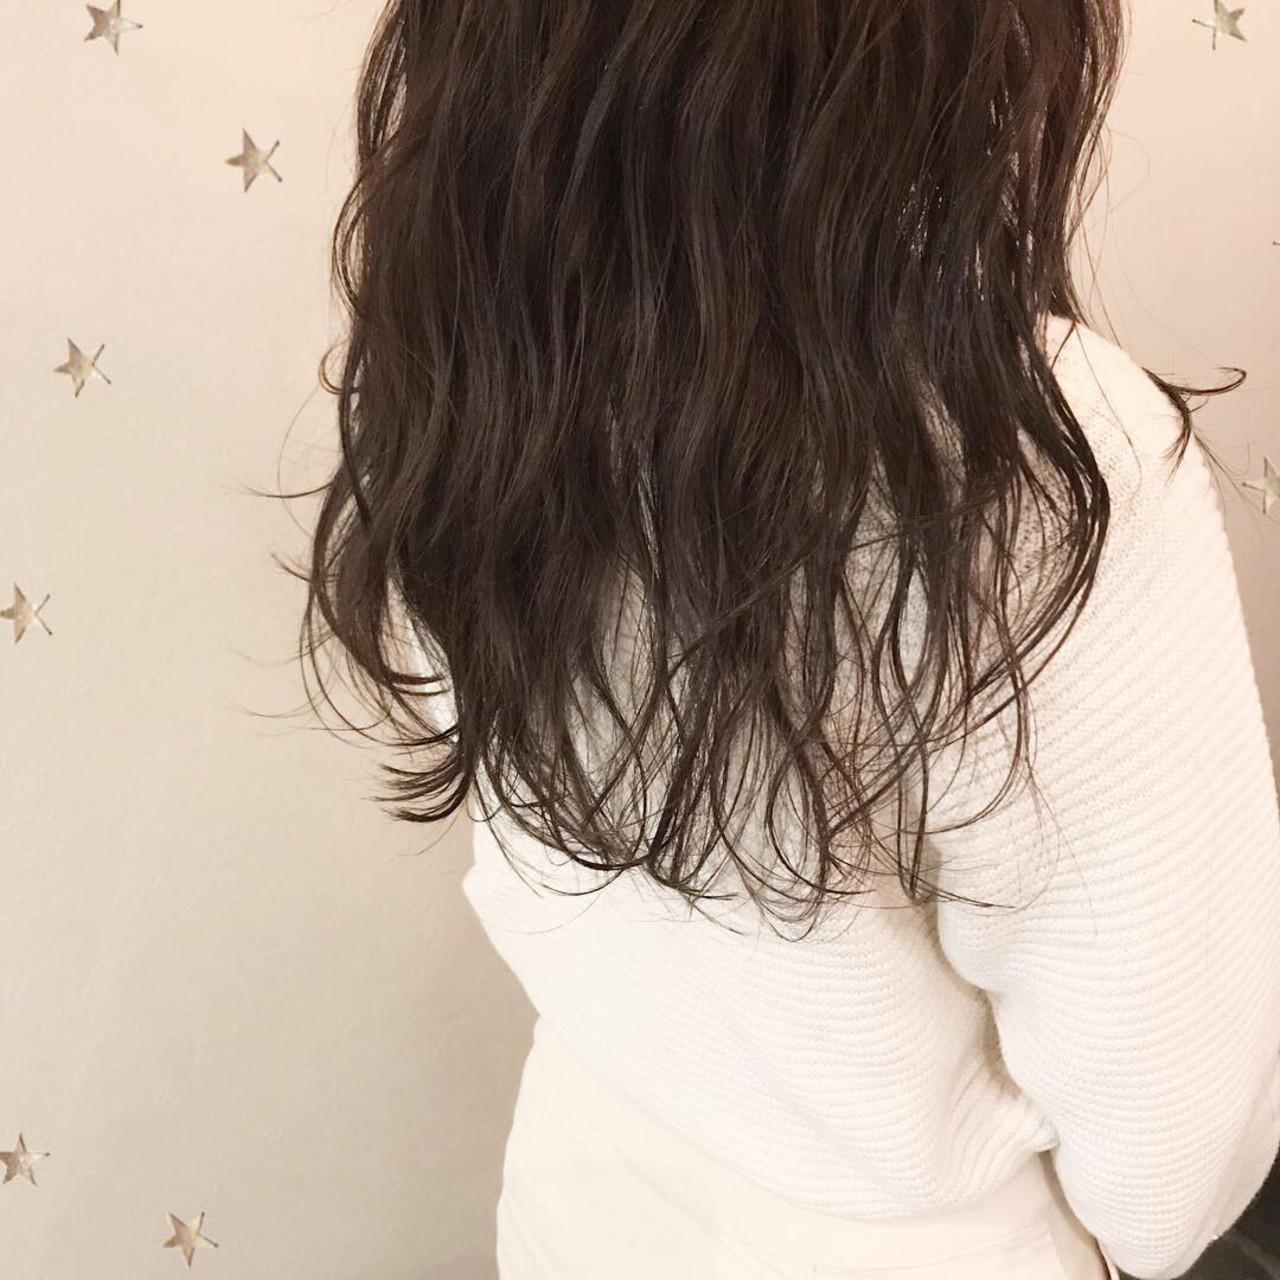 ナチュラル ロング アンニュイほつれヘア ゆるナチュラル ヘアスタイルや髪型の写真・画像